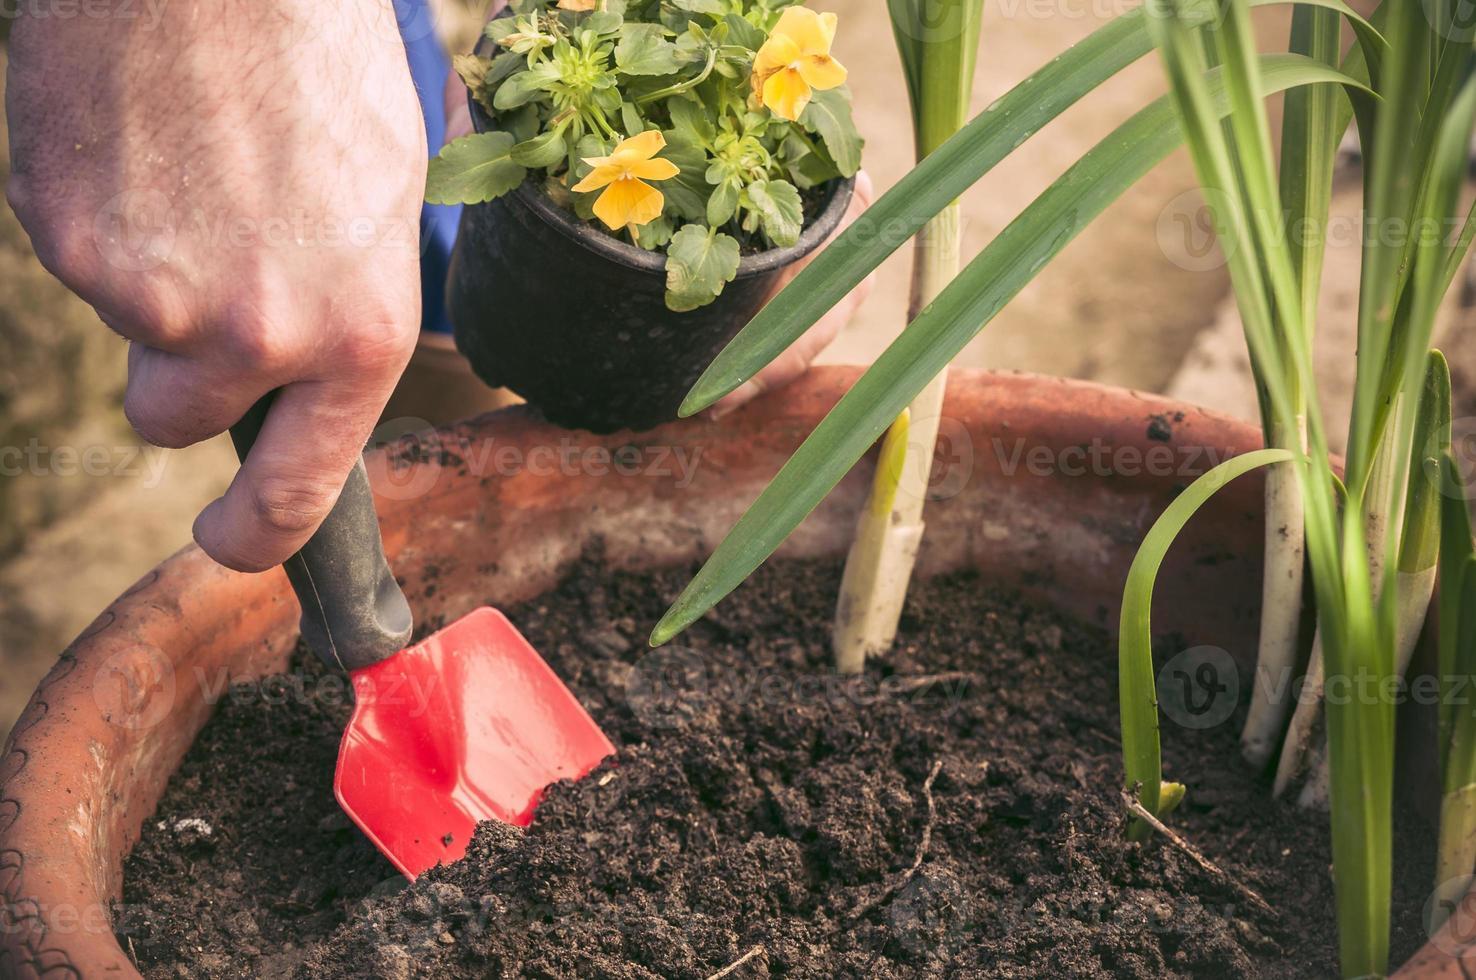 händer som planterar små blommor i en kruka foto